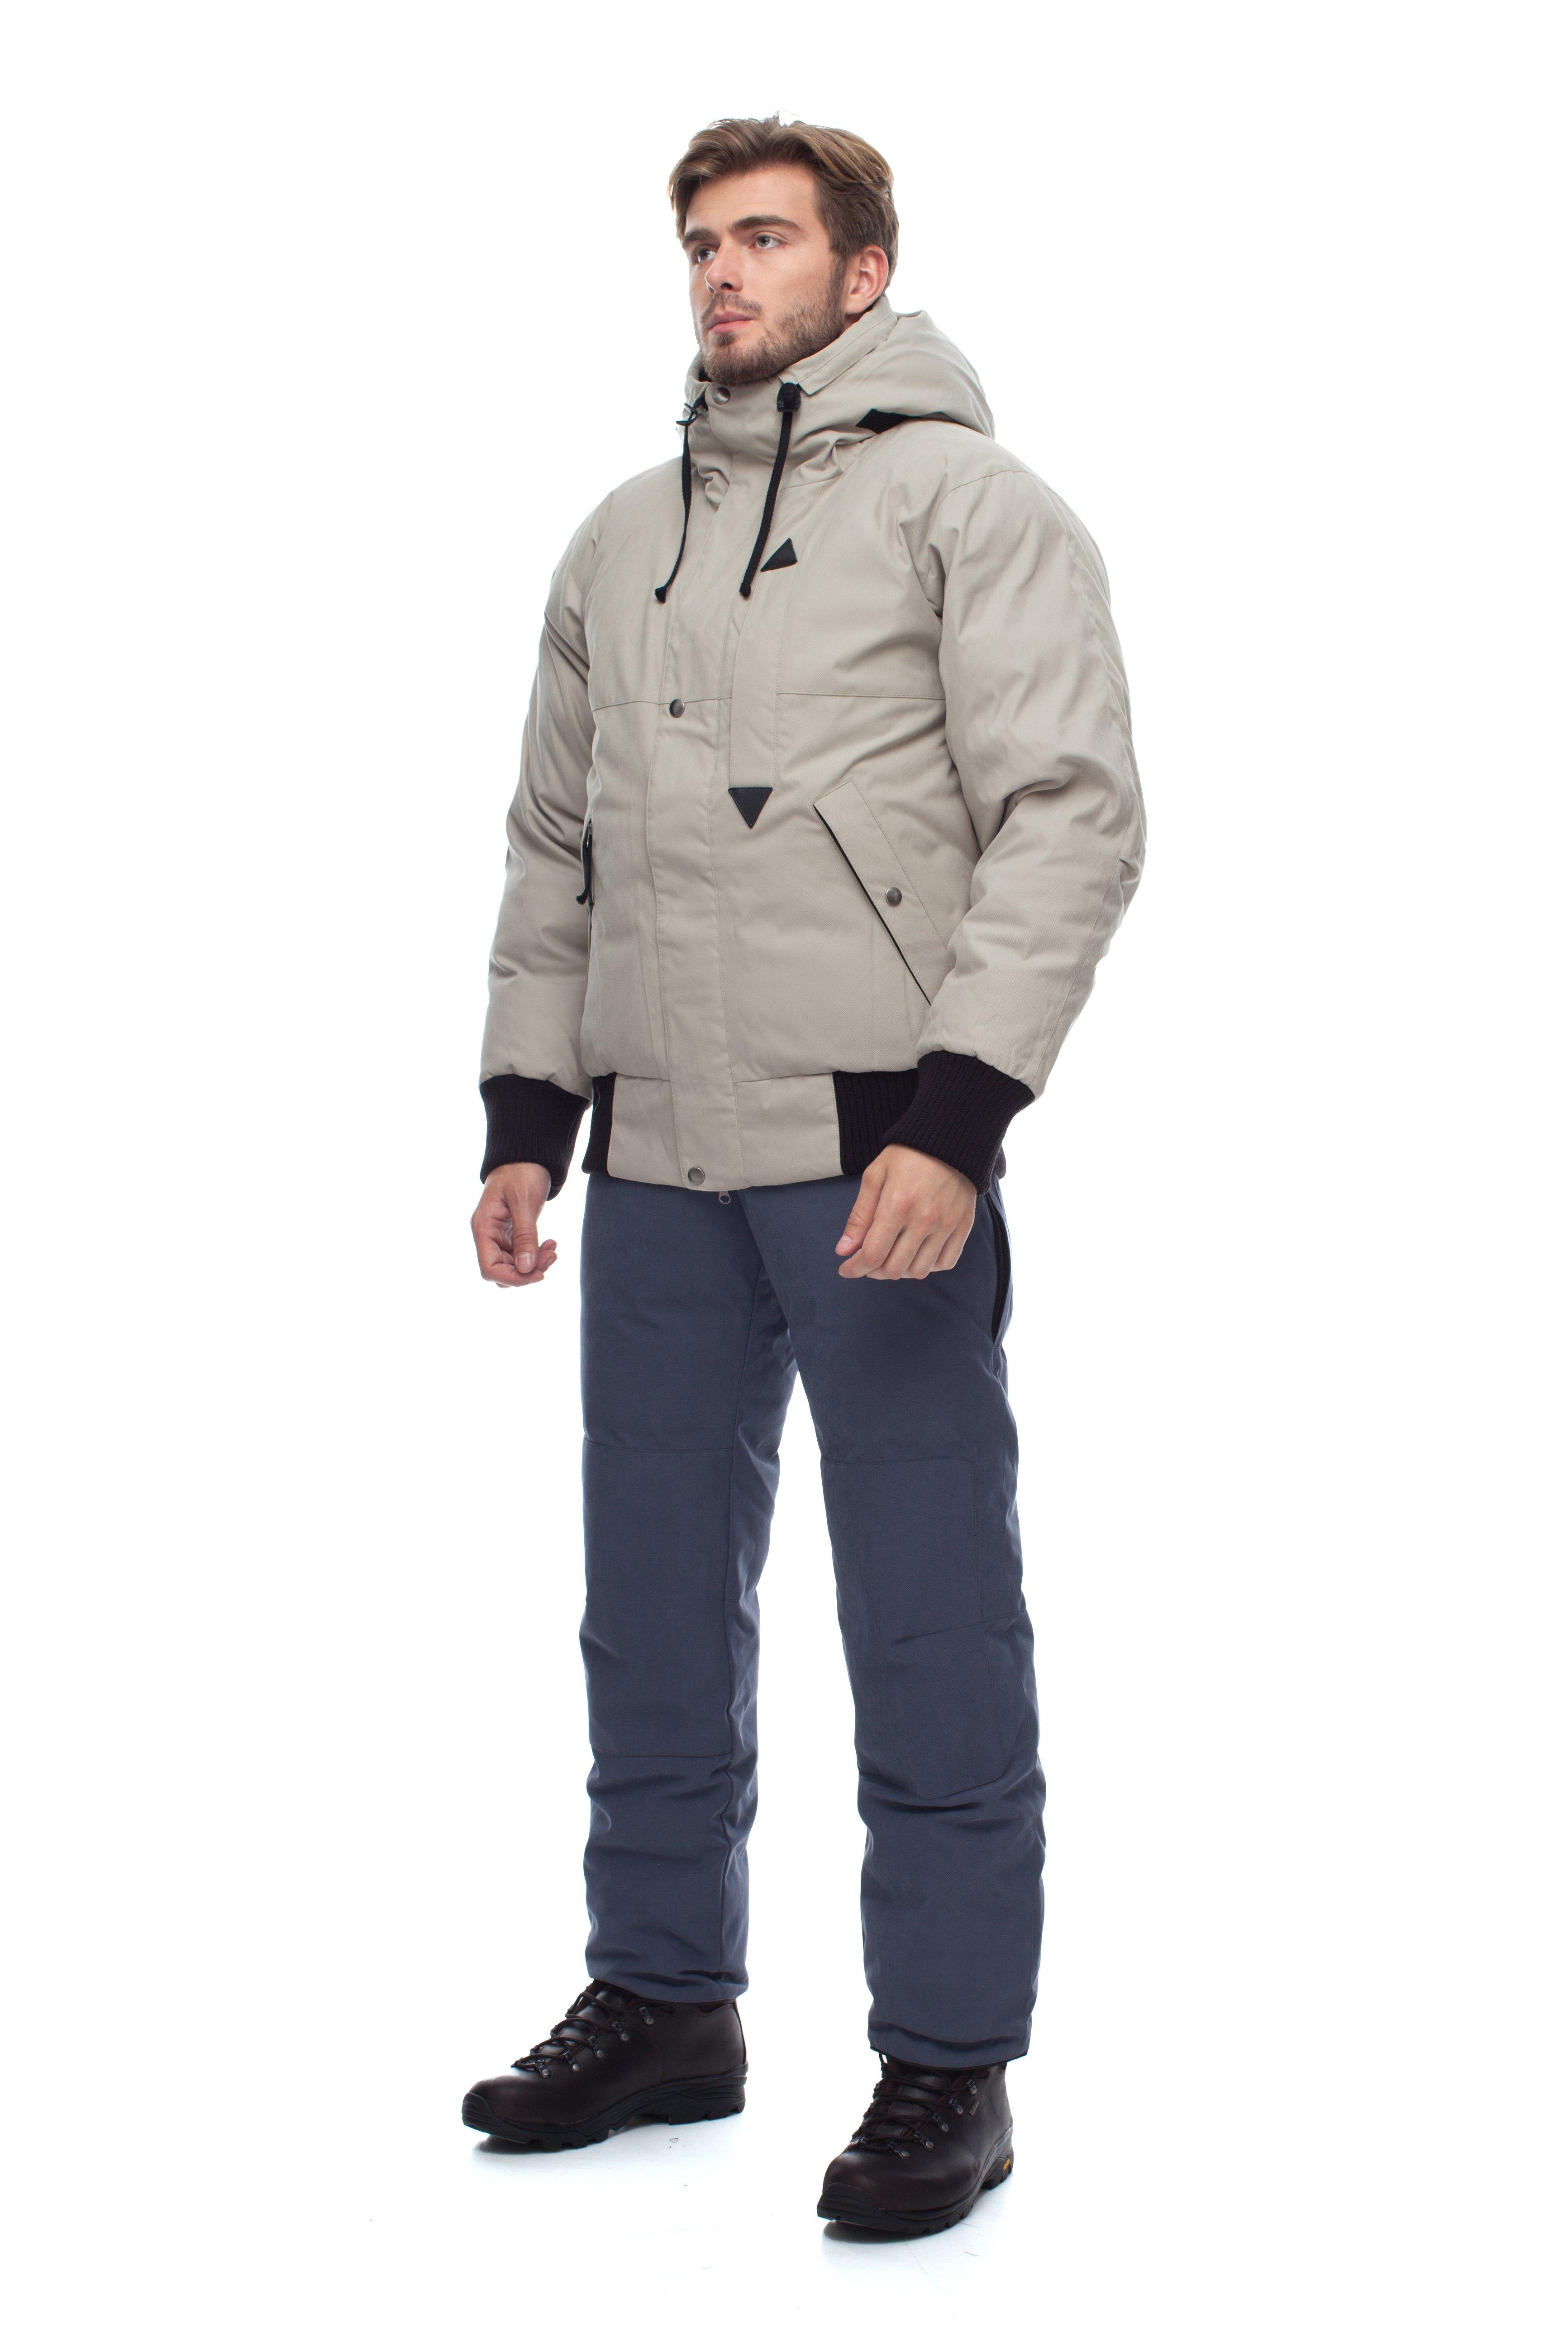 Пуховая куртка BASK TOBOL 3785Куртки<br>Теплая зимняя куртка BASK TOBOL. Манжеты и низ куртки выполнены из шерсти плотной вязки.<br><br>&quot;Дышащие&quot; свойства: Да<br>Верхняя ткань: Advance® Alaska<br>Вес граммы: 1600<br>Вес утеплителя: 400<br>Ветро-влагозащитные свойства верхней ткани: Да<br>Ветрозащитная планка: Да<br>Ветрозащитная юбка: Нет<br>Влагозащитные молнии: Нет<br>Внутренние манжеты: Нет<br>Внутренняя ткань: Advance® Classic<br>Водонепроницаемость: 10000<br>Дублирующий центральную молнию клапан: Нет<br>Защитный козырёк капюшона: Нет<br>Капюшон: Несъемный<br>Карман для средств связи: Нет<br>Количество внешних карманов: 3<br>Количество внутренних карманов: 3<br>Коллекция: Pole to Pole<br>Мембрана: Да<br>Объемный крой локтевой зоны: Да<br>Отстёгивающиеся рукава: Нет<br>Паропроницаемость: 5000<br>Показатель Fill Power (для пуховых изделий): 650<br>Пол: Мужской<br>Проклейка швов: Нет<br>Регулировка манжетов рукавов: Нет<br>Регулировка низа: Нет<br>Регулировка объёма капюшона: Да<br>Регулировка талии: Нет<br>Регулируемые вентиляционные отверстия: Нет<br>Световозвращающая лента: Нет<br>Температурный режим: -25<br>Технология Thermal Welding: Нет<br>Тип молнии: Двухзамковая<br>Тип утеплителя: Натуральный<br>Усиление контактных зон: Нет<br>Утеплитель: Гусиный пух<br>Размер RU: 46<br>Цвет: СИНИЙ